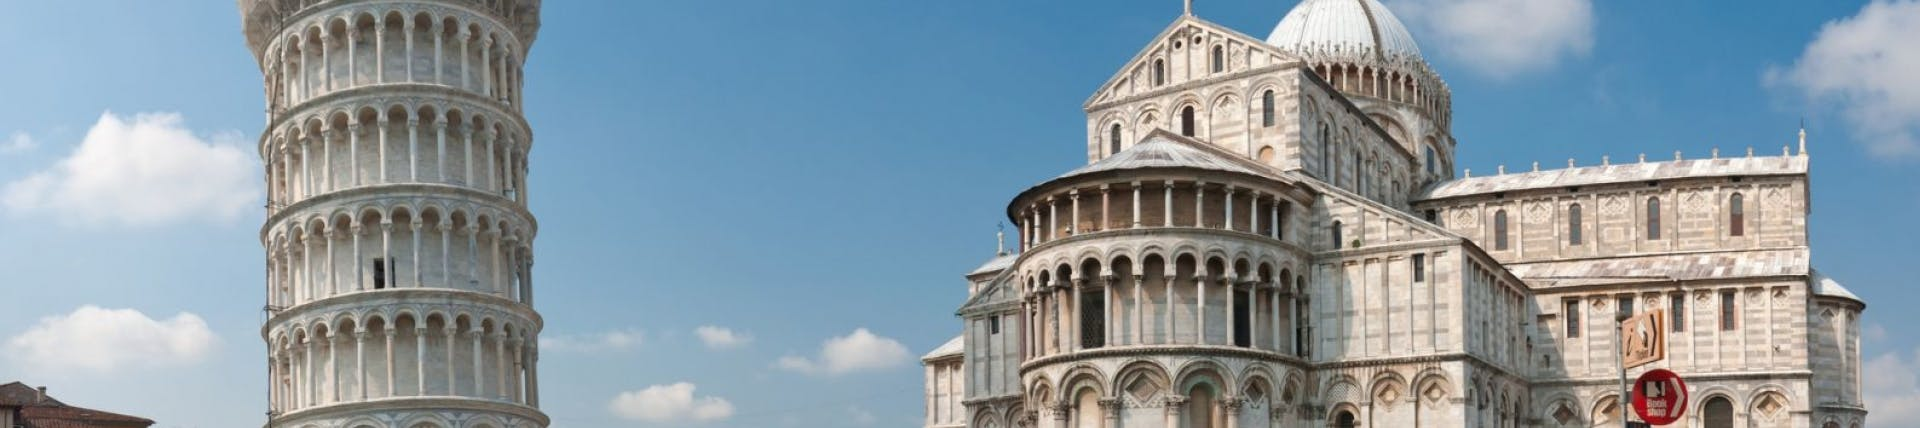 Picture of Pisa